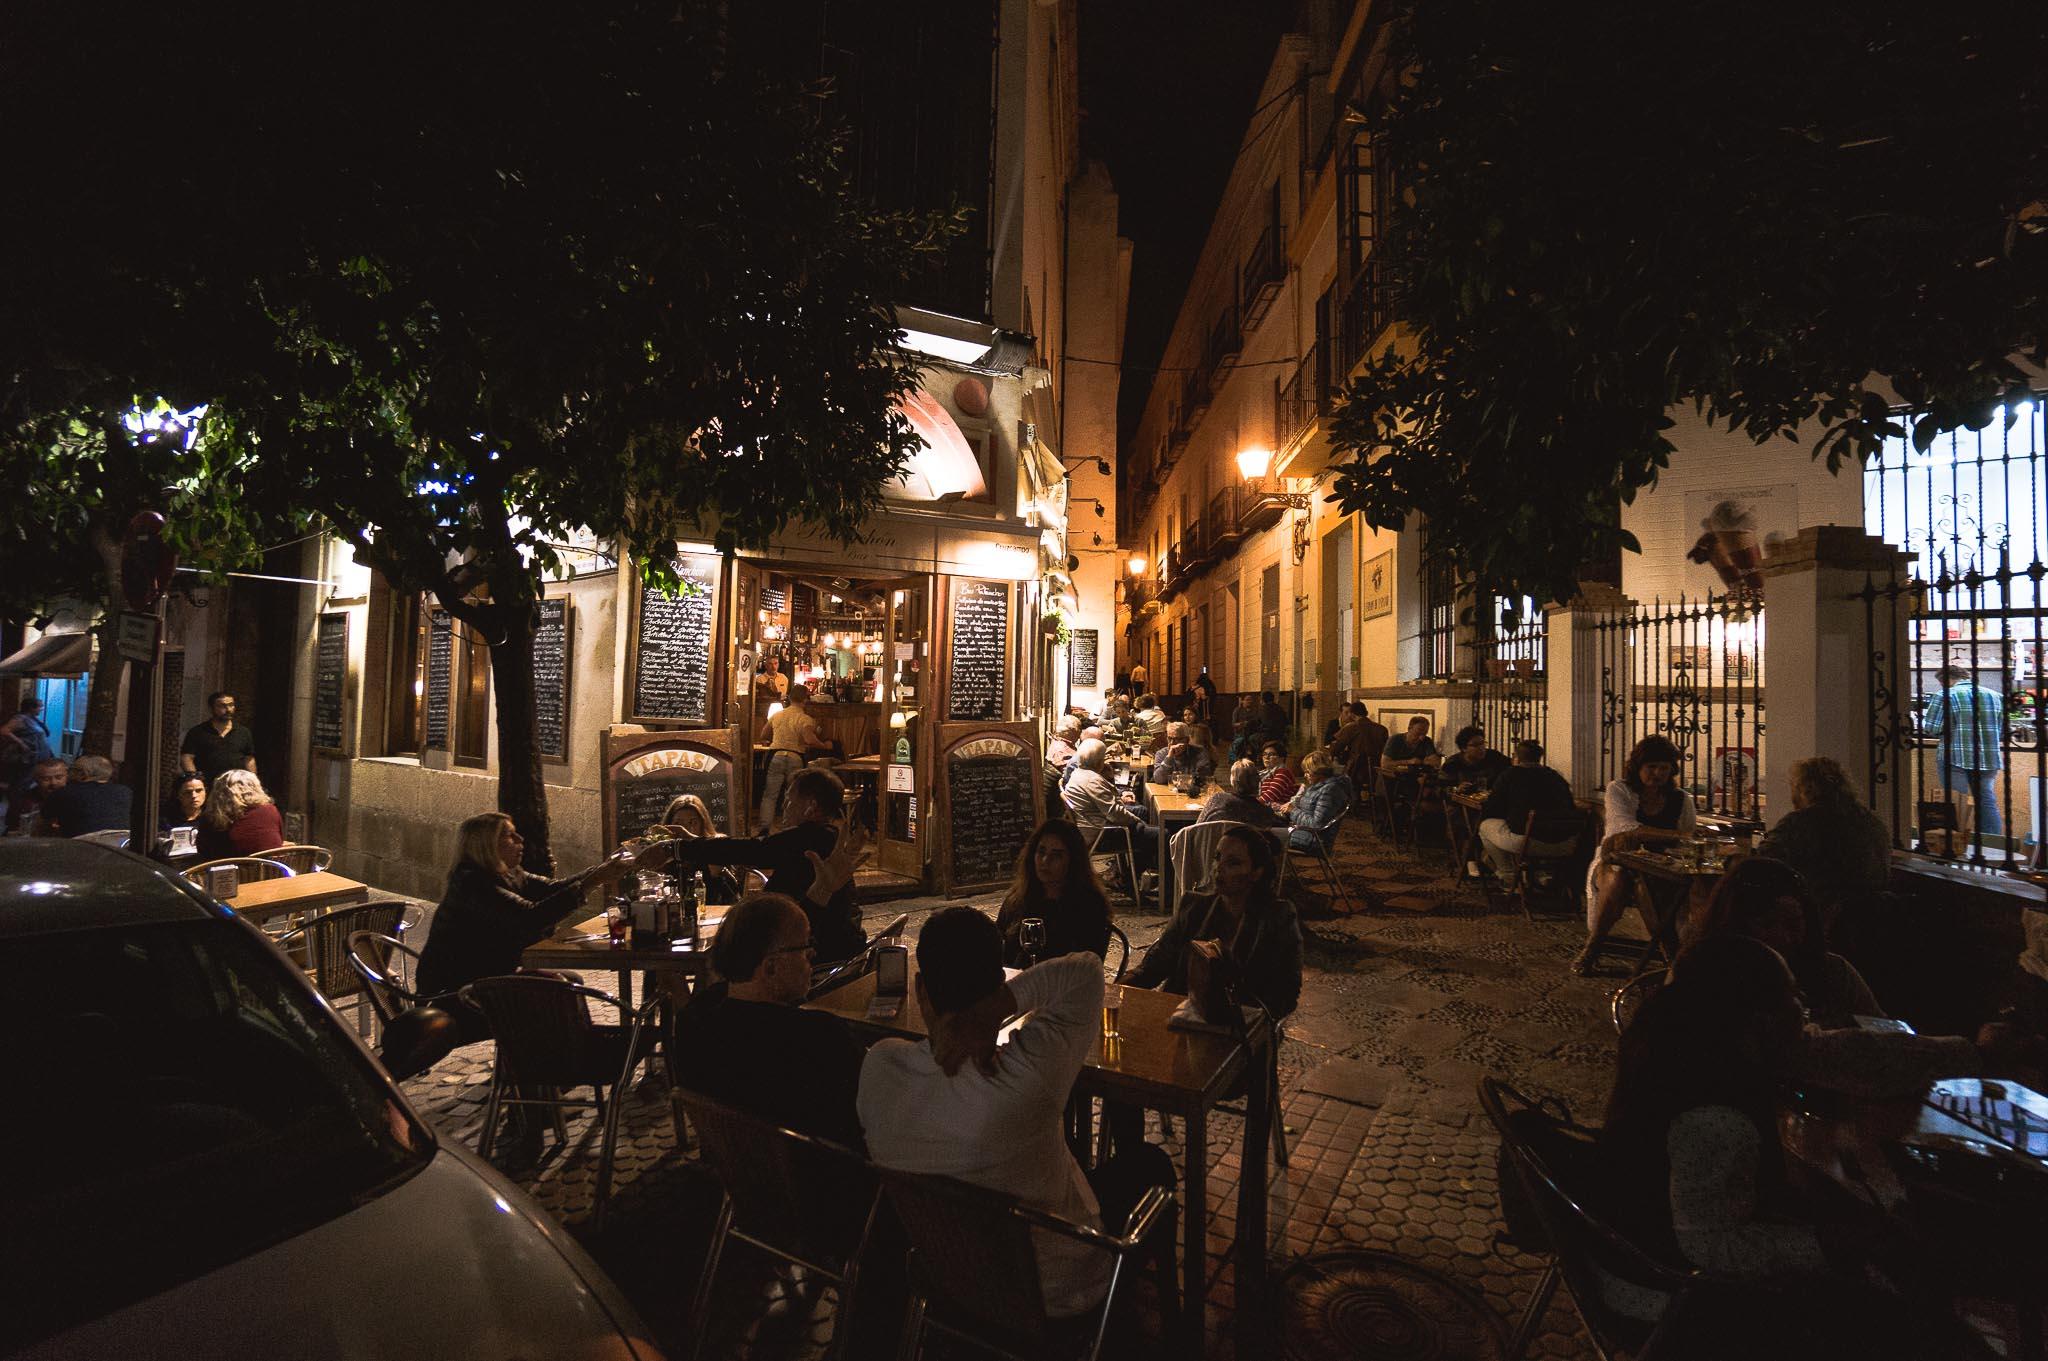 Jedna z ulic wypełnionych klimatycznymi restauracjami w Sewilli